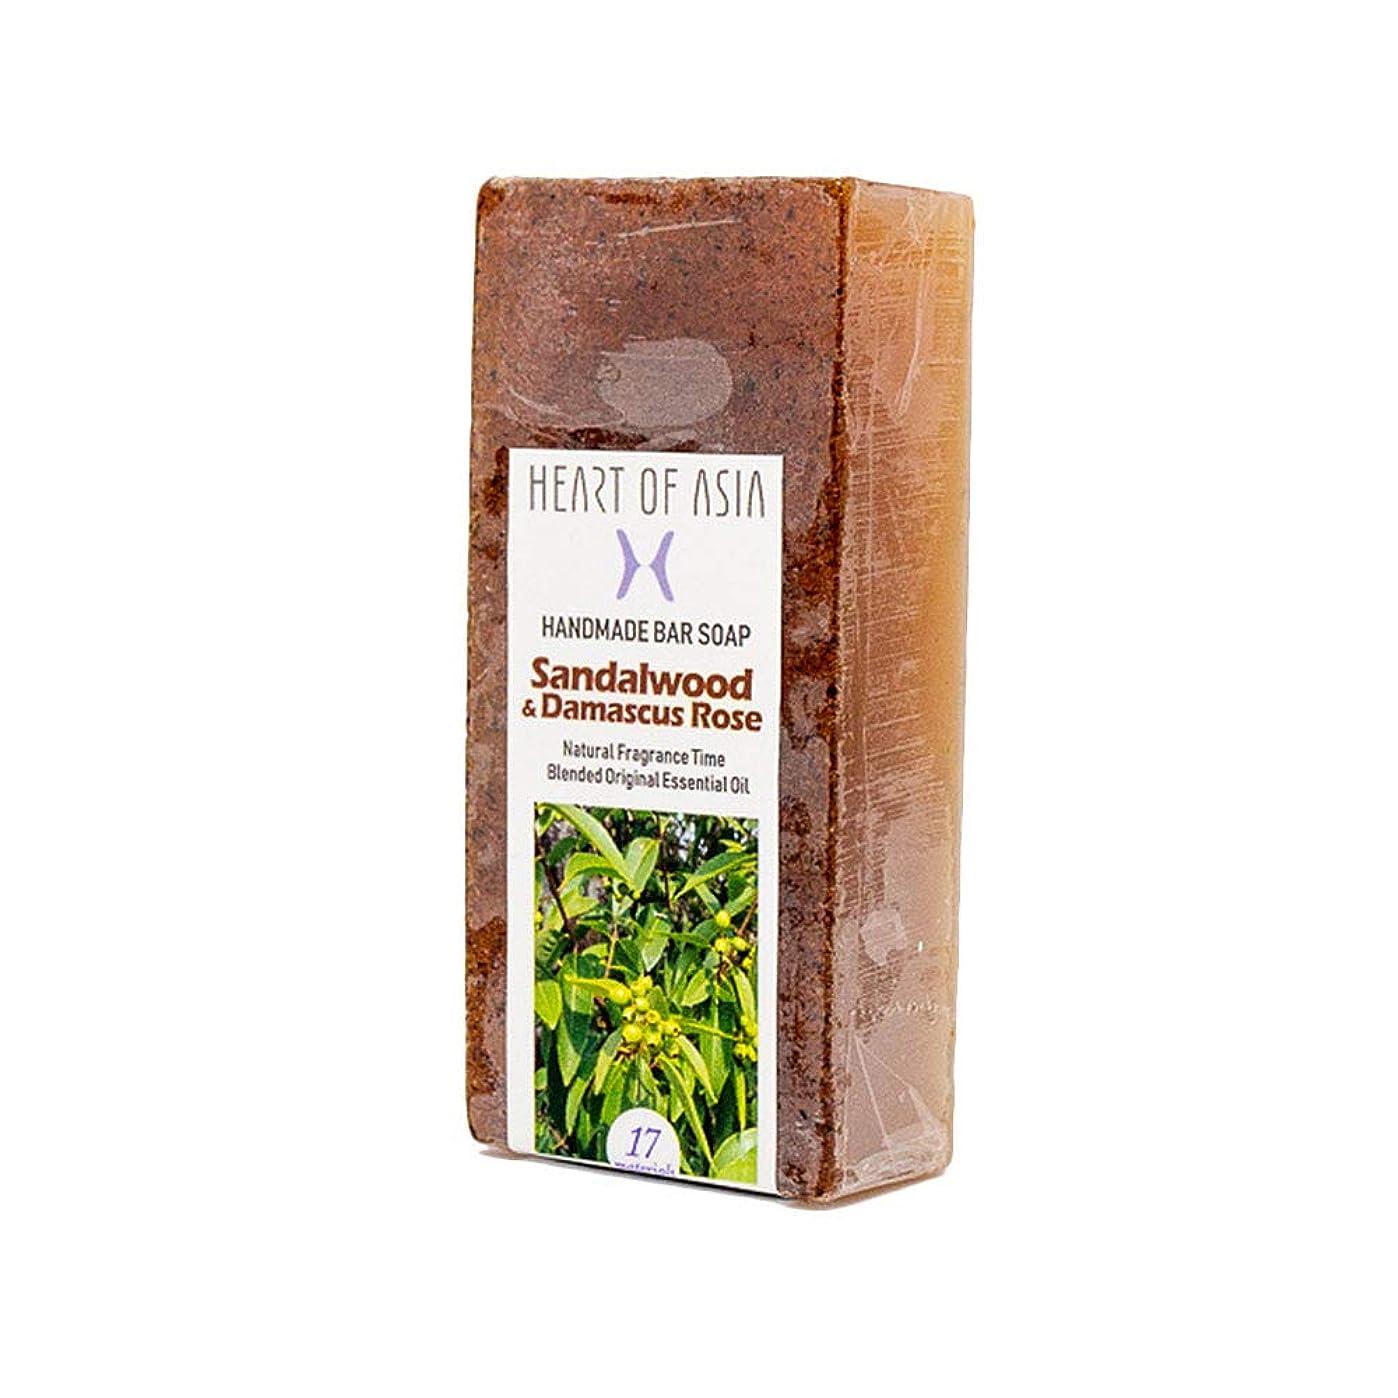 葡萄省不愉快に香水のようなフレグランス石けん HANDMADE BAR SOAP ~Sandalwood&Damascus Rose~ (単品)